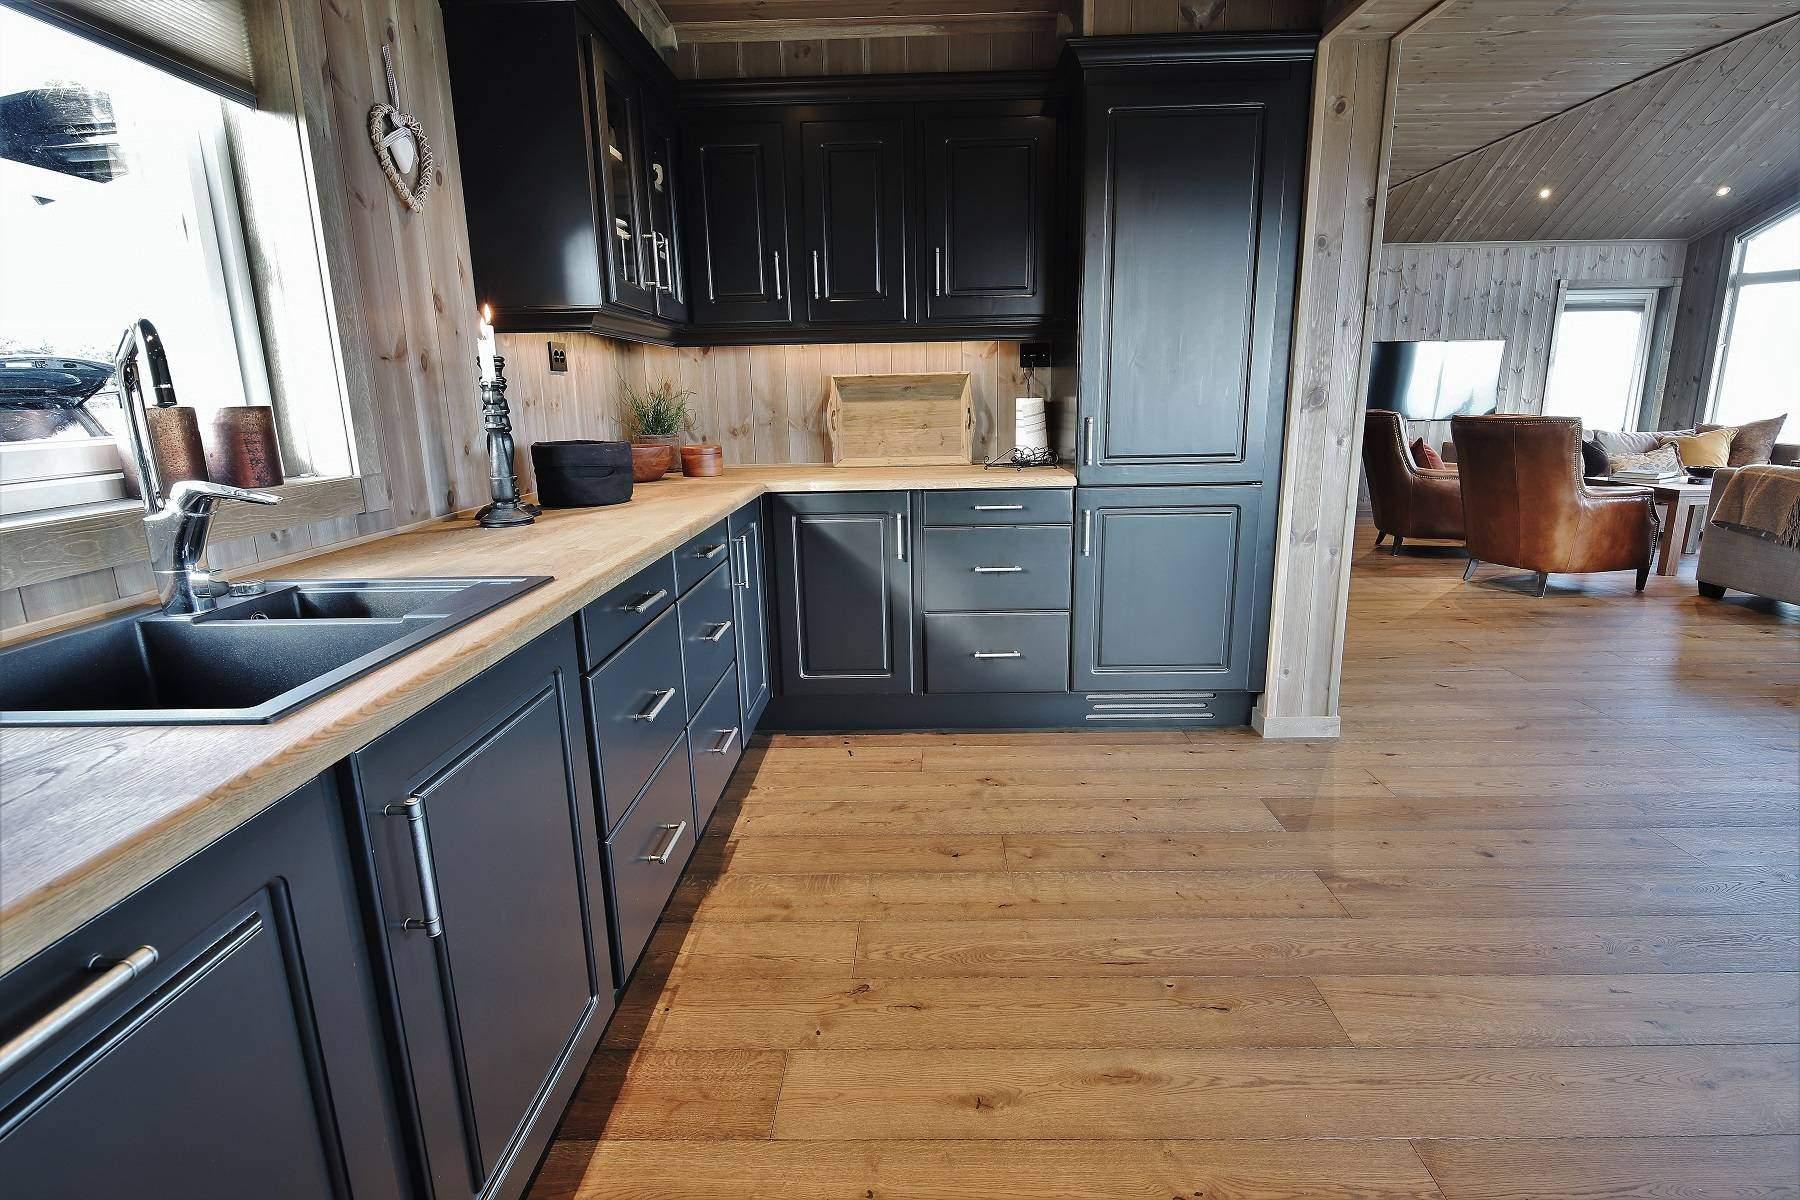 252 Hytteinteriør Hytteinspirasjon Storjuvtinden 114 på Nesbyen. Åpen kontaktflate mellom kjøkken og stue